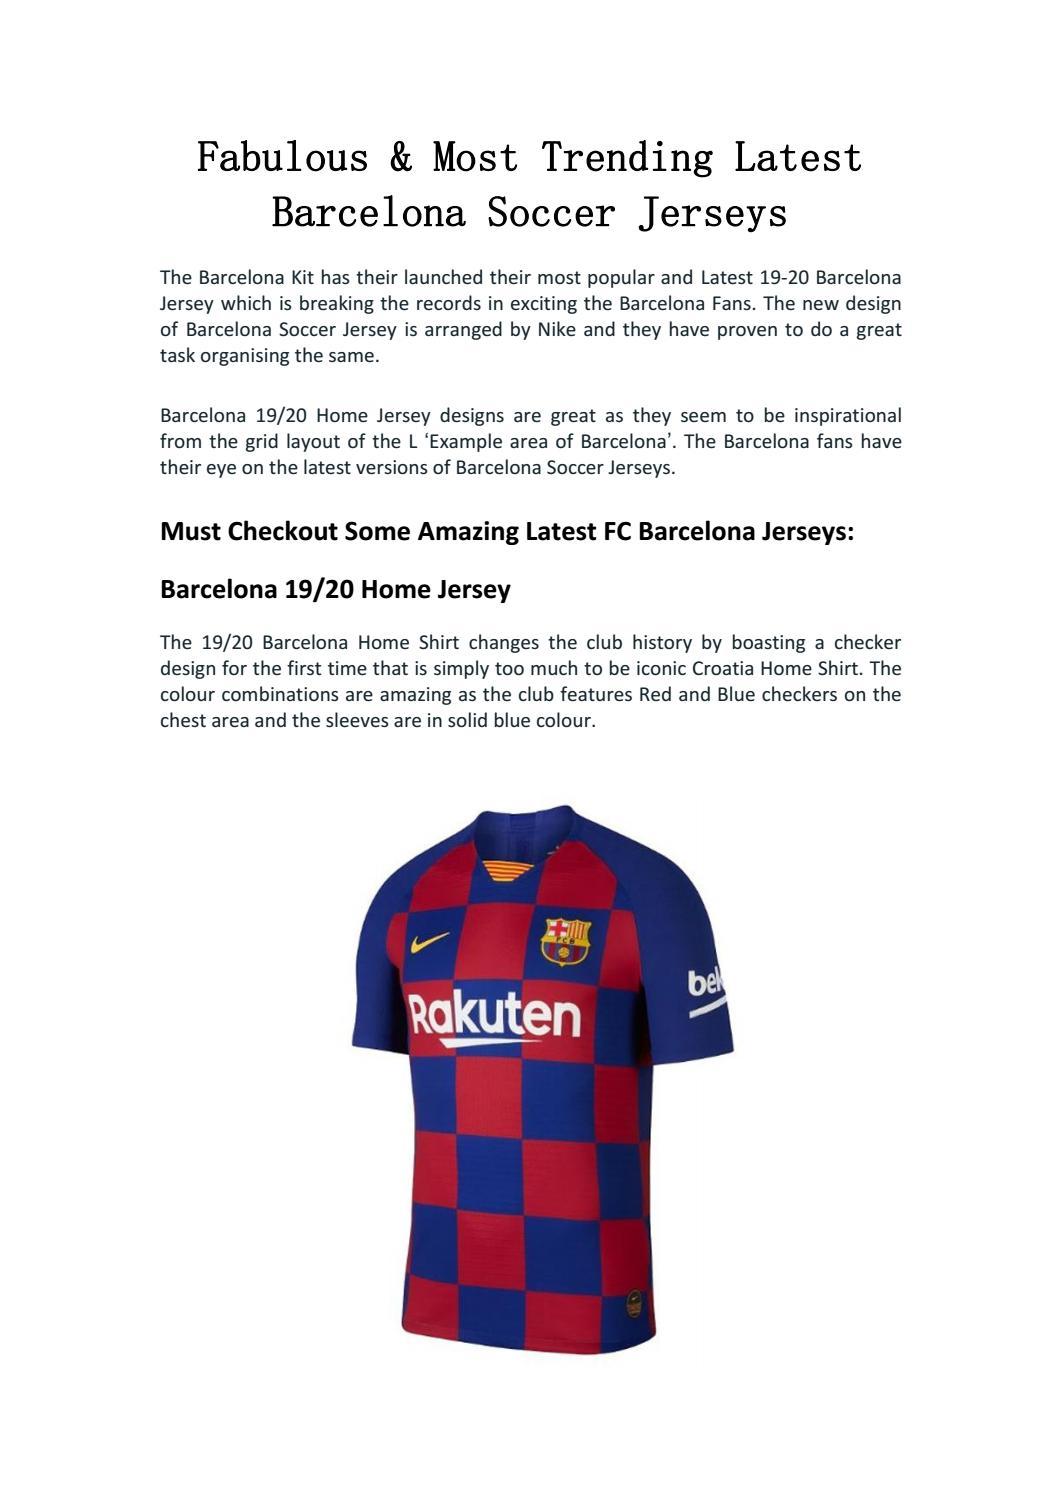 Fabulous Most Trending Latest Barcelona Soccer Jerseys By Joseph E Keller Issuu